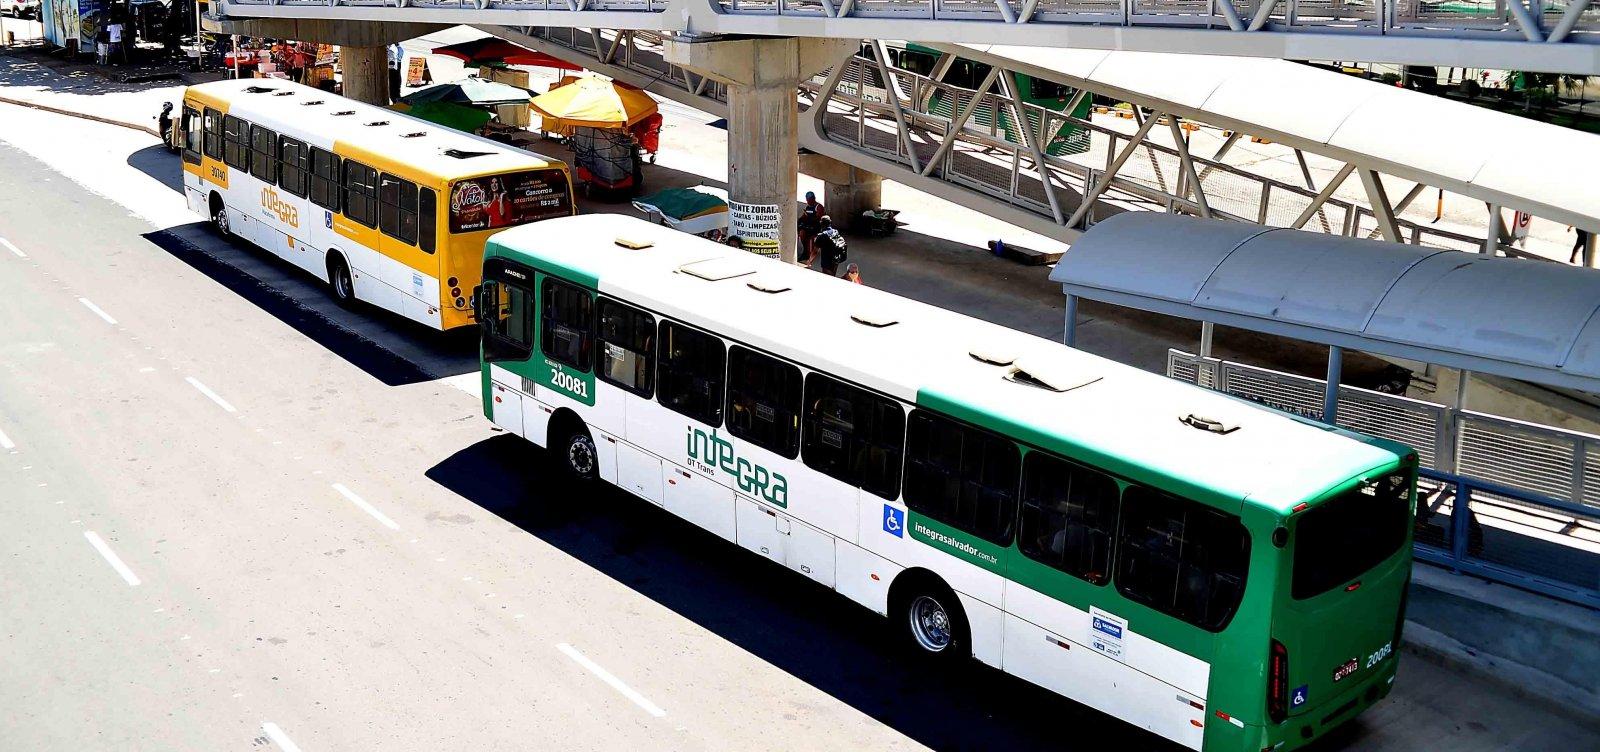 Operação Praia amplia número de linhas de ônibus a partir deste domingo